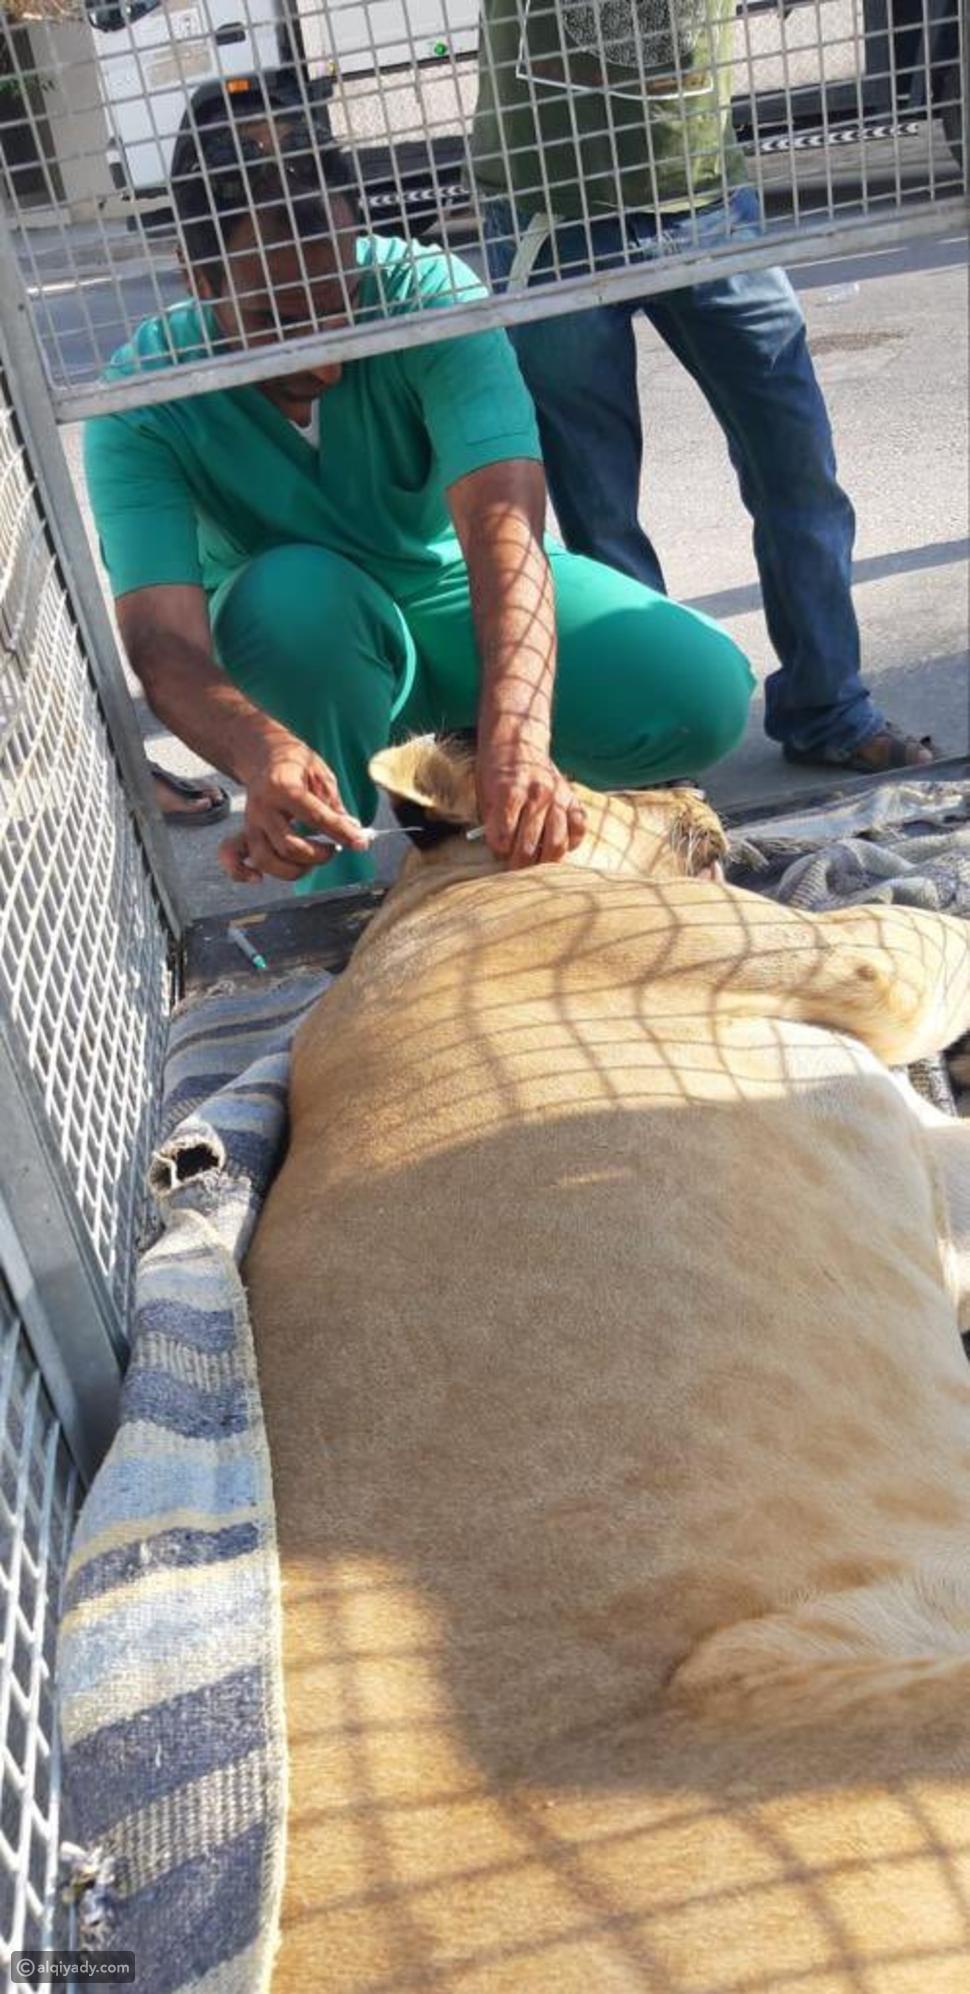 أسد طليق يتجول بحرية في شوارع مدينة سعودية